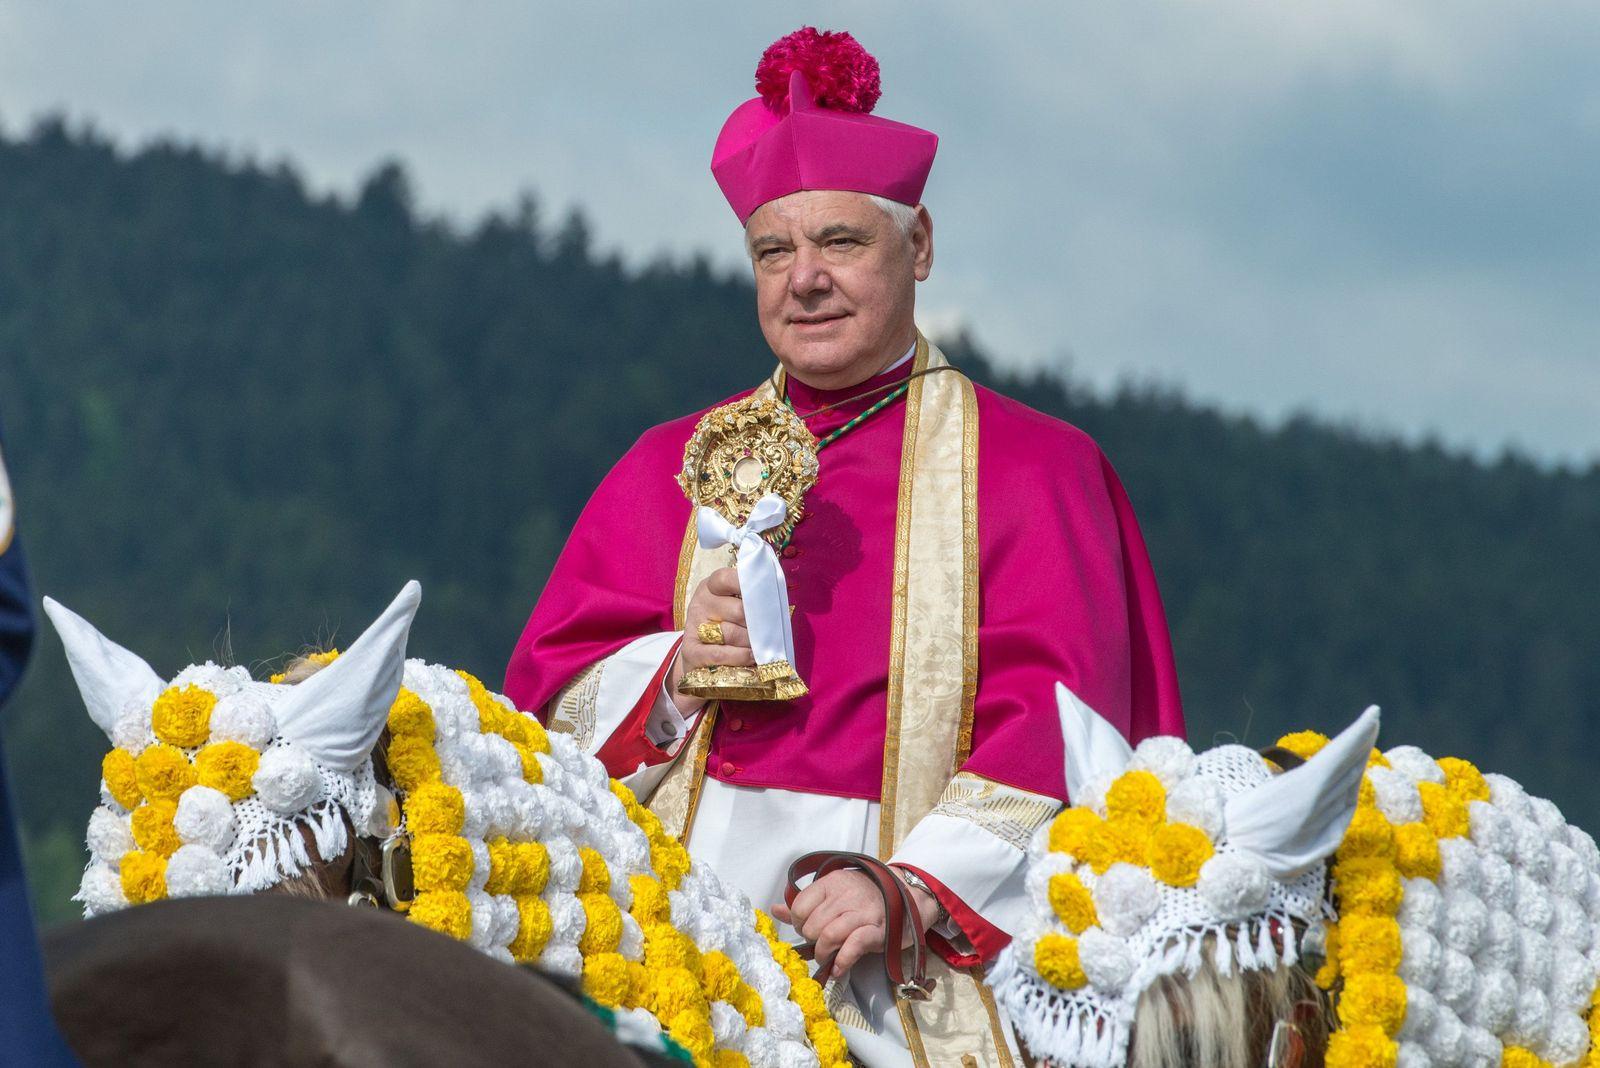 Erzbischof Gerhard Ludwig Müller